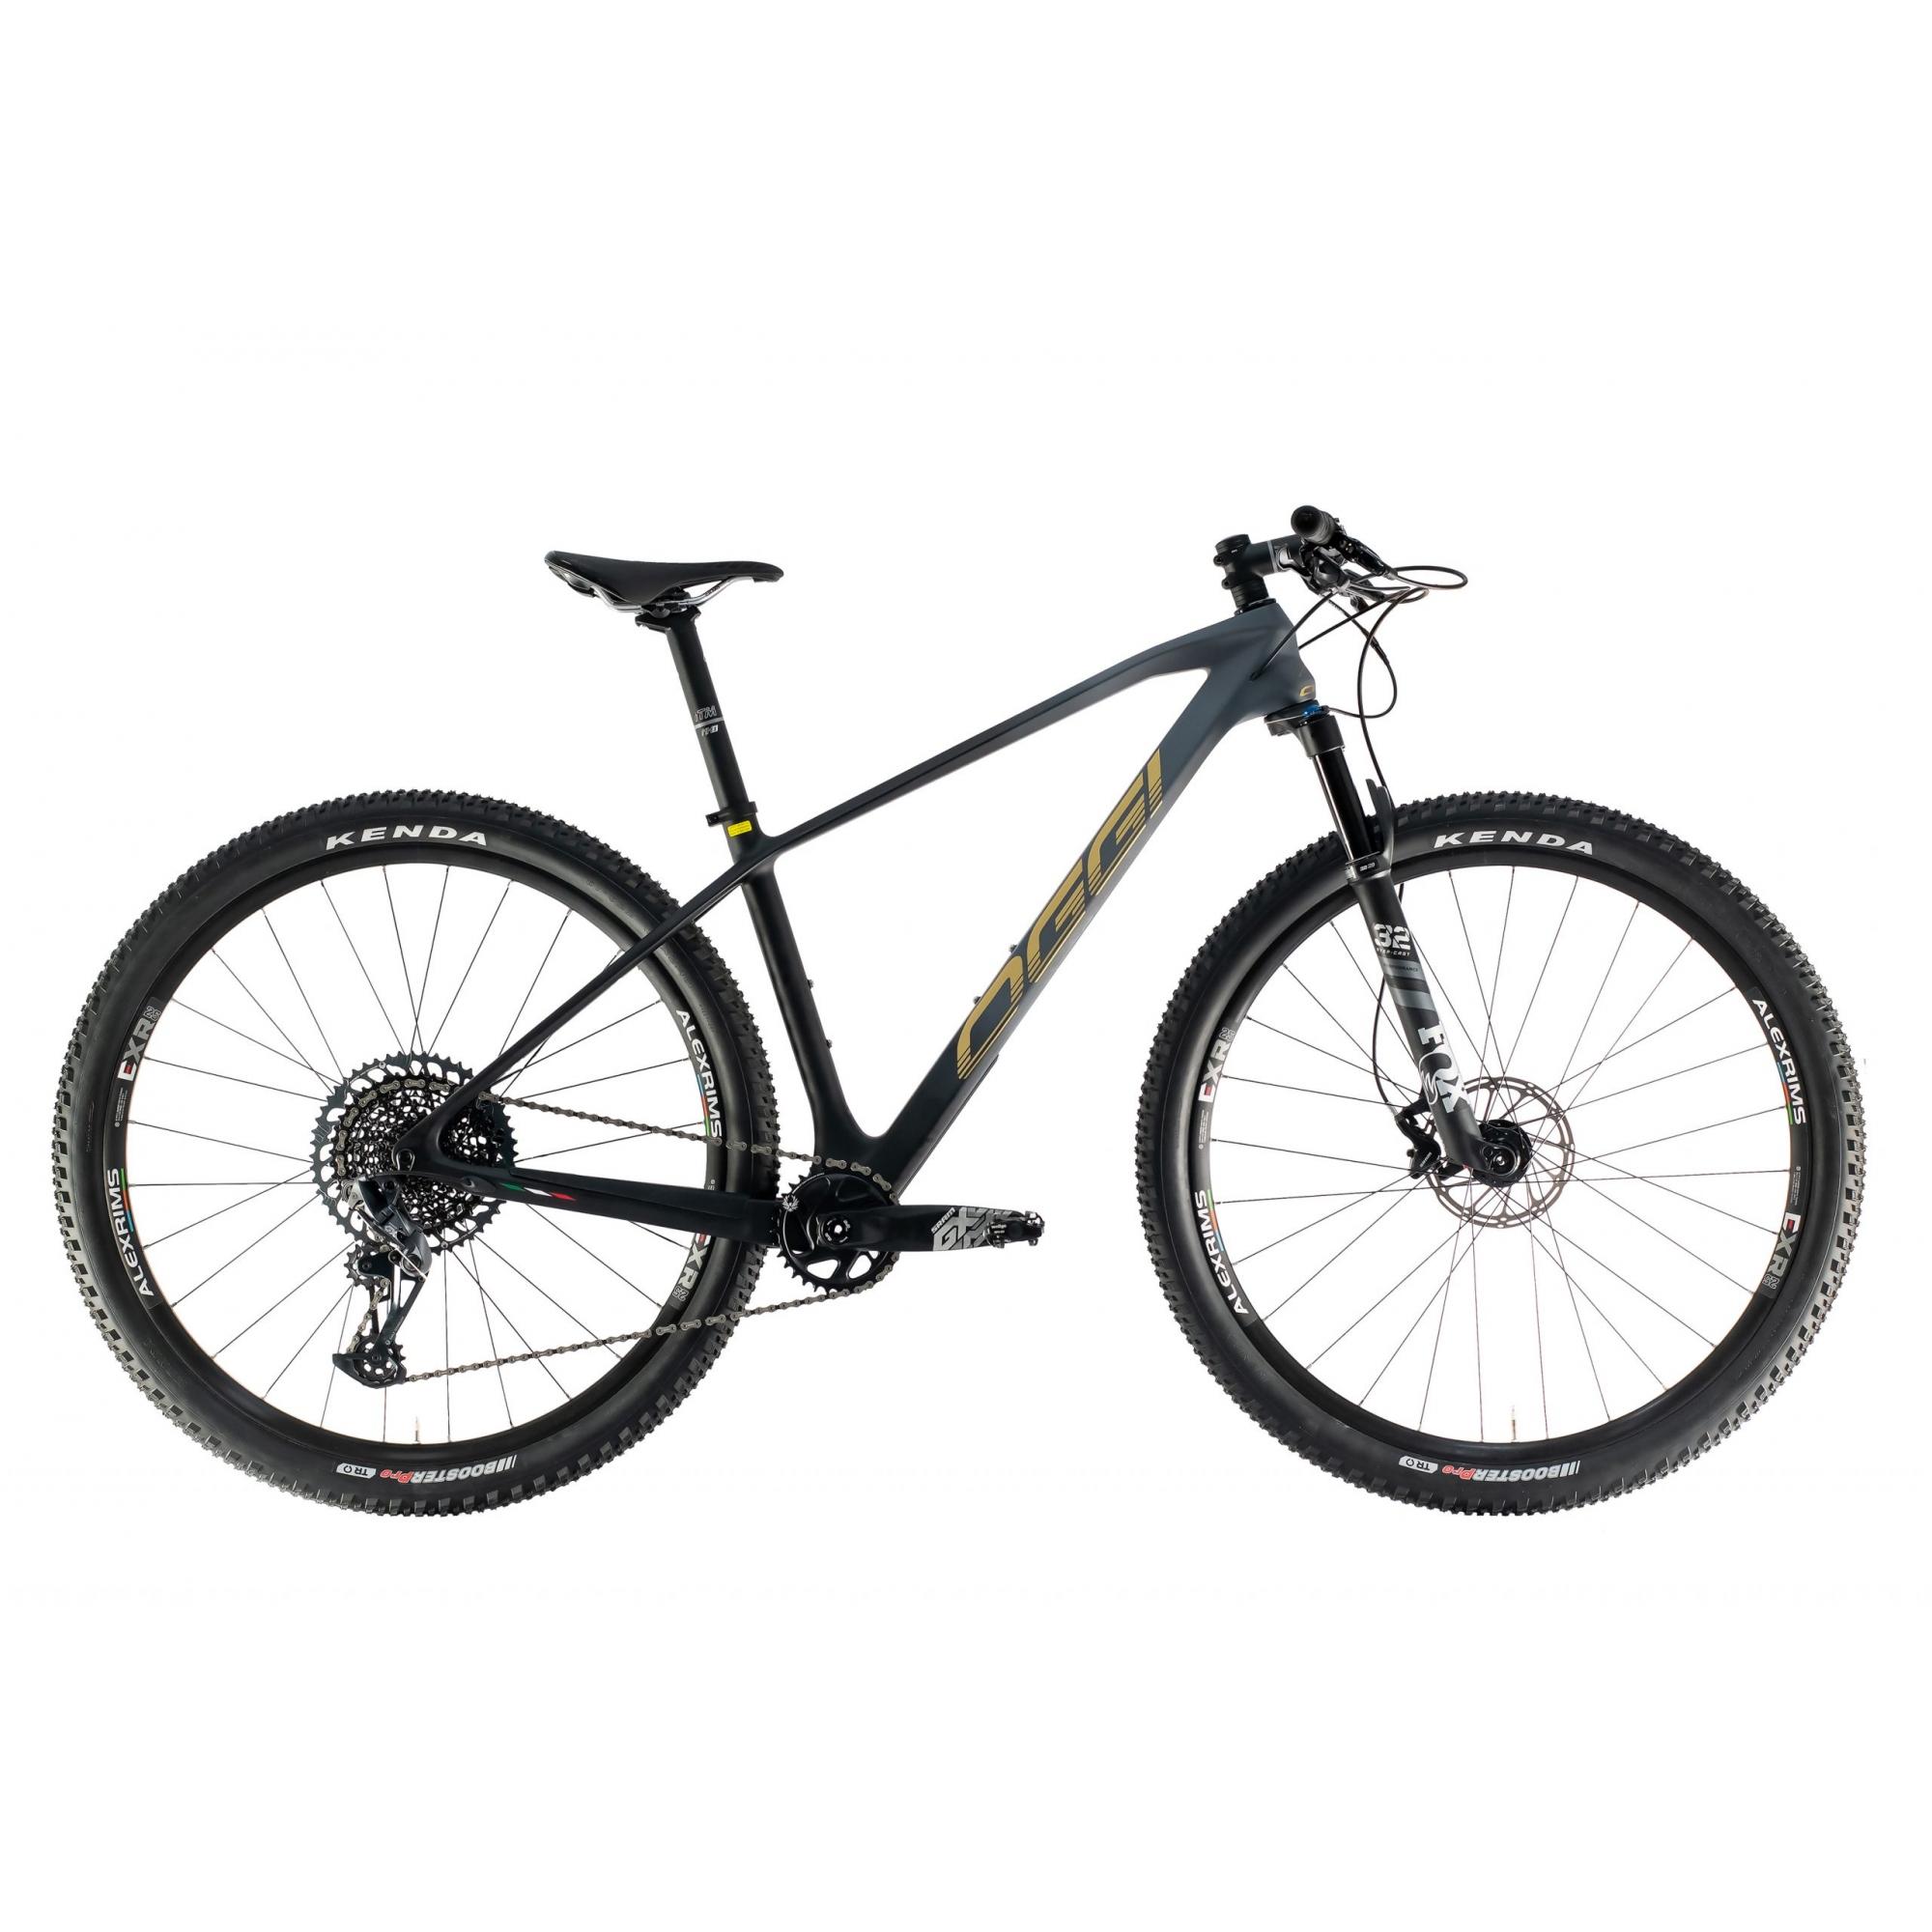 BICICLETA OGGI CARBON AGILE PRO GX 1X12 VEL. GRAF/PTO/DOURADO (2021)